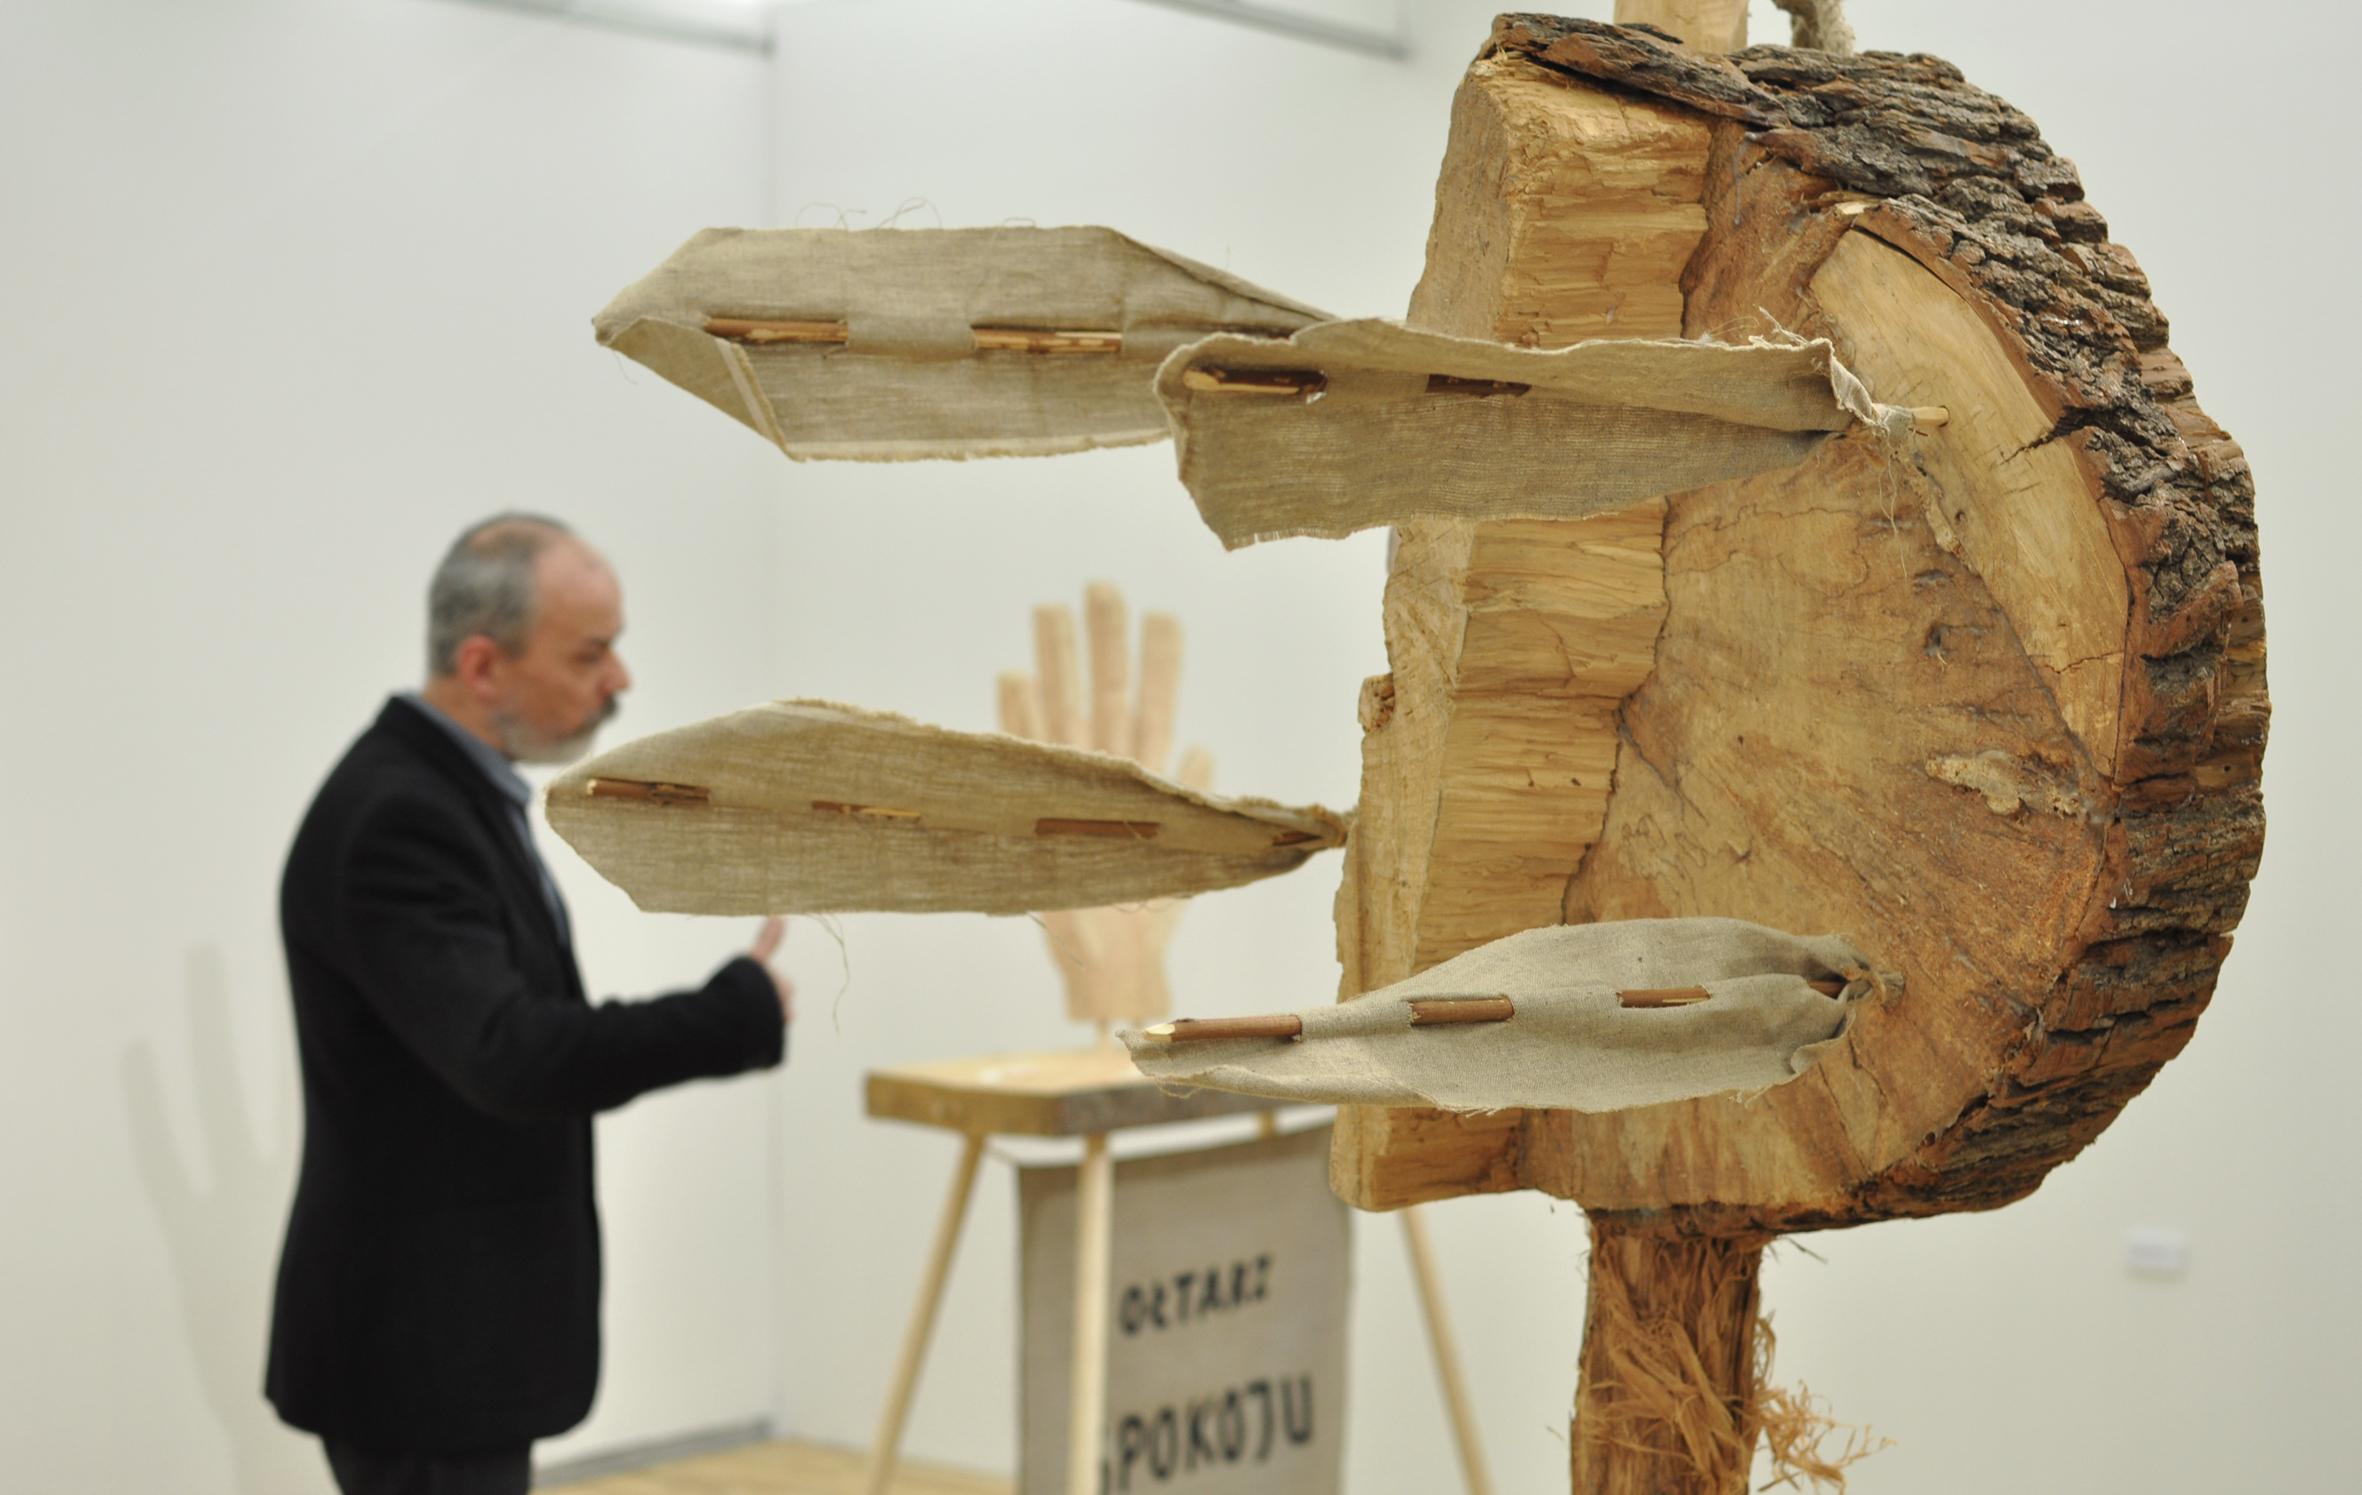 Jerzy Bereś, Ja proponuję osąd, osąd tego, co Państwo wtejchwili widzą, widok wystawy